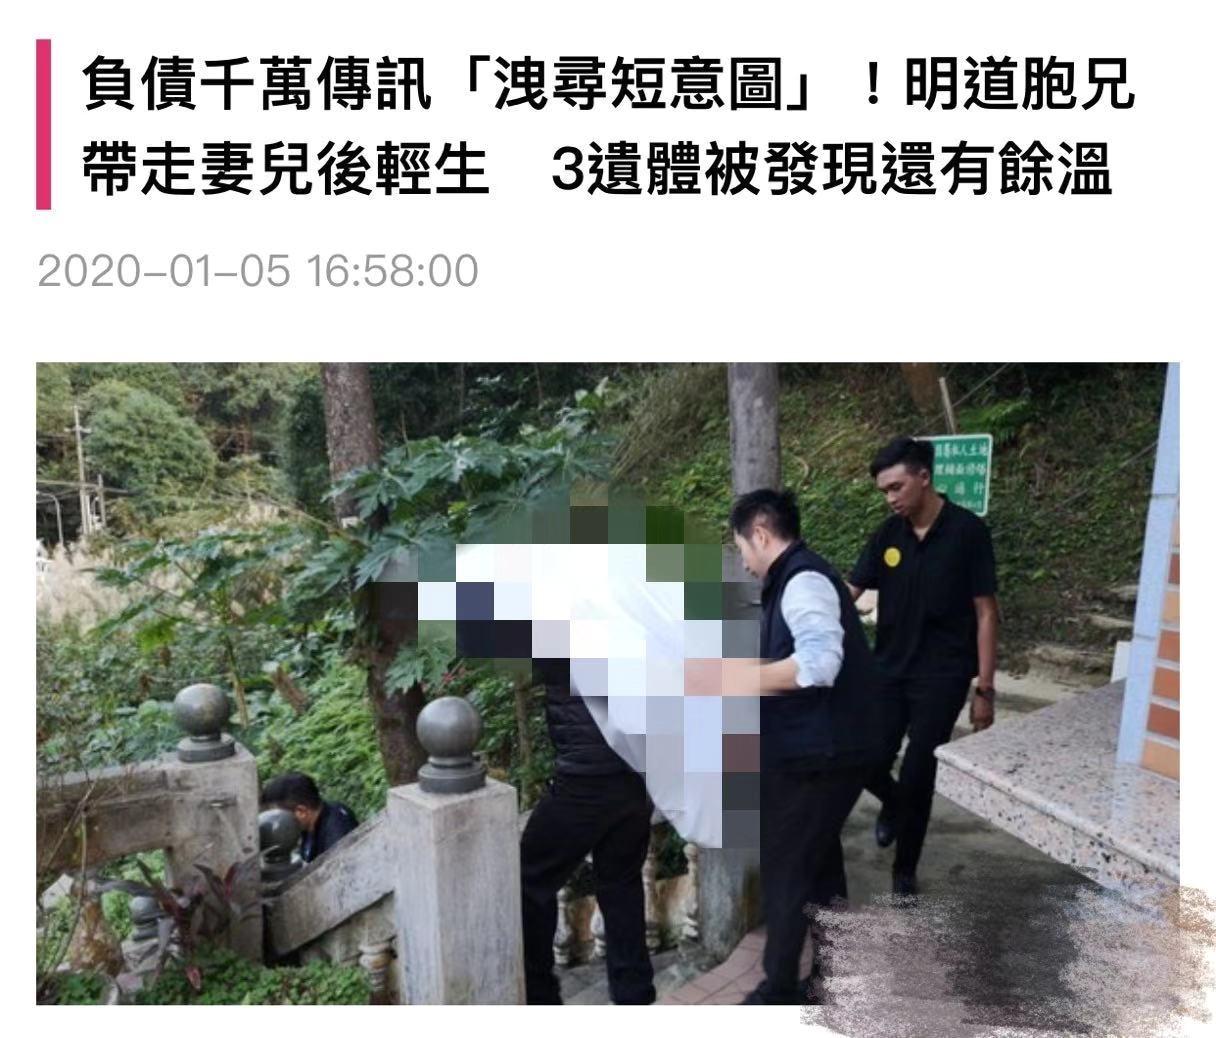 臺媒曝明道哥哥因負債千萬無力償還 勒死妻兒后自殺